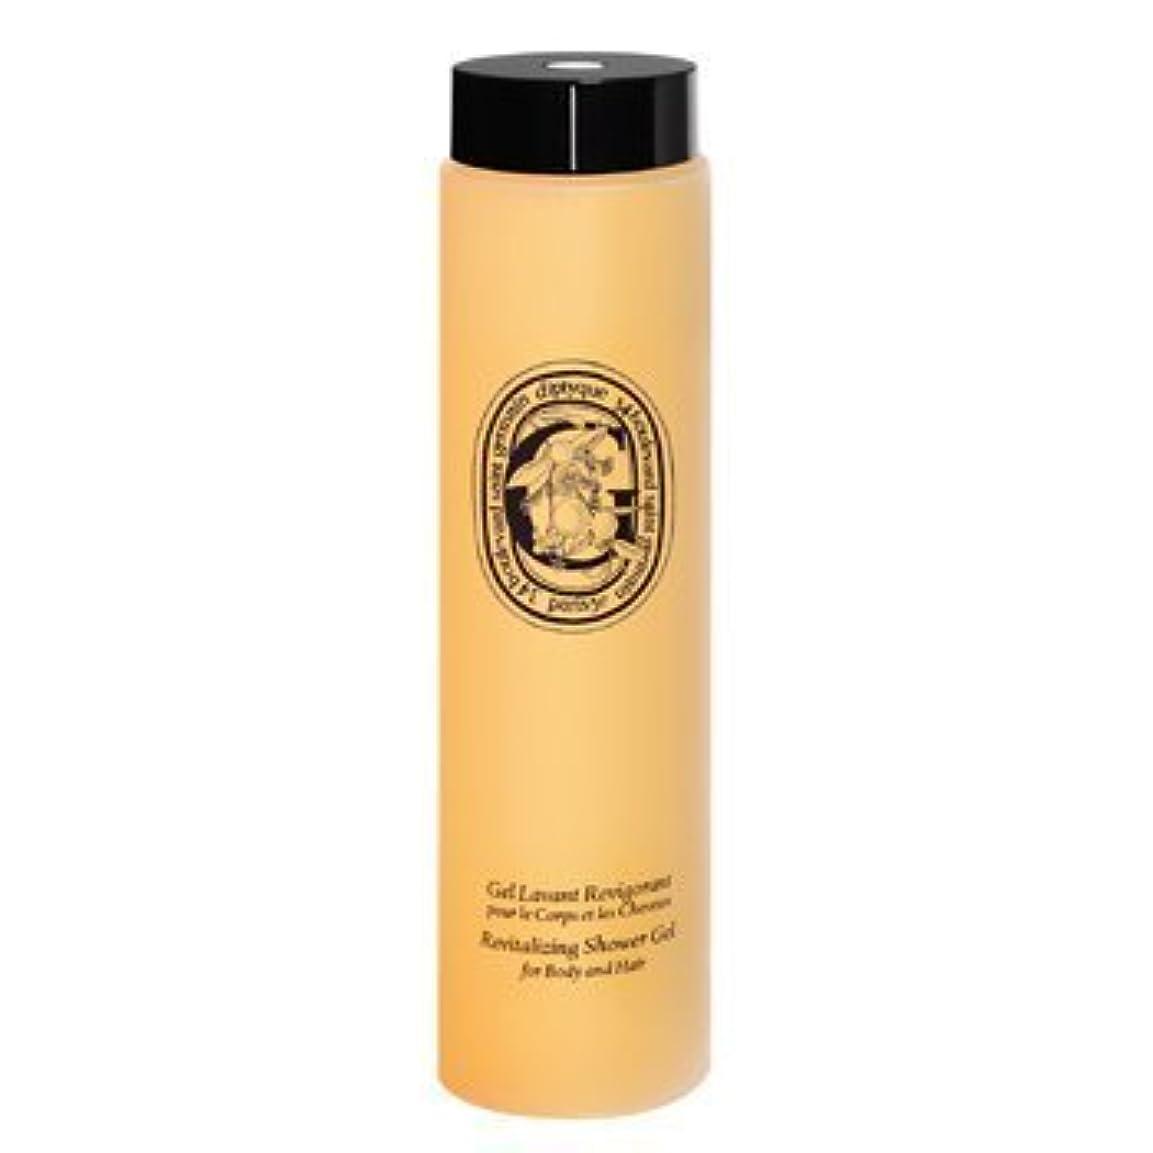 不安潜在的な構想するDiptyque The Art of Body Care Revitalizing Shower Gel Hair & Body-6.8 oz by Diptyque [並行輸入品]